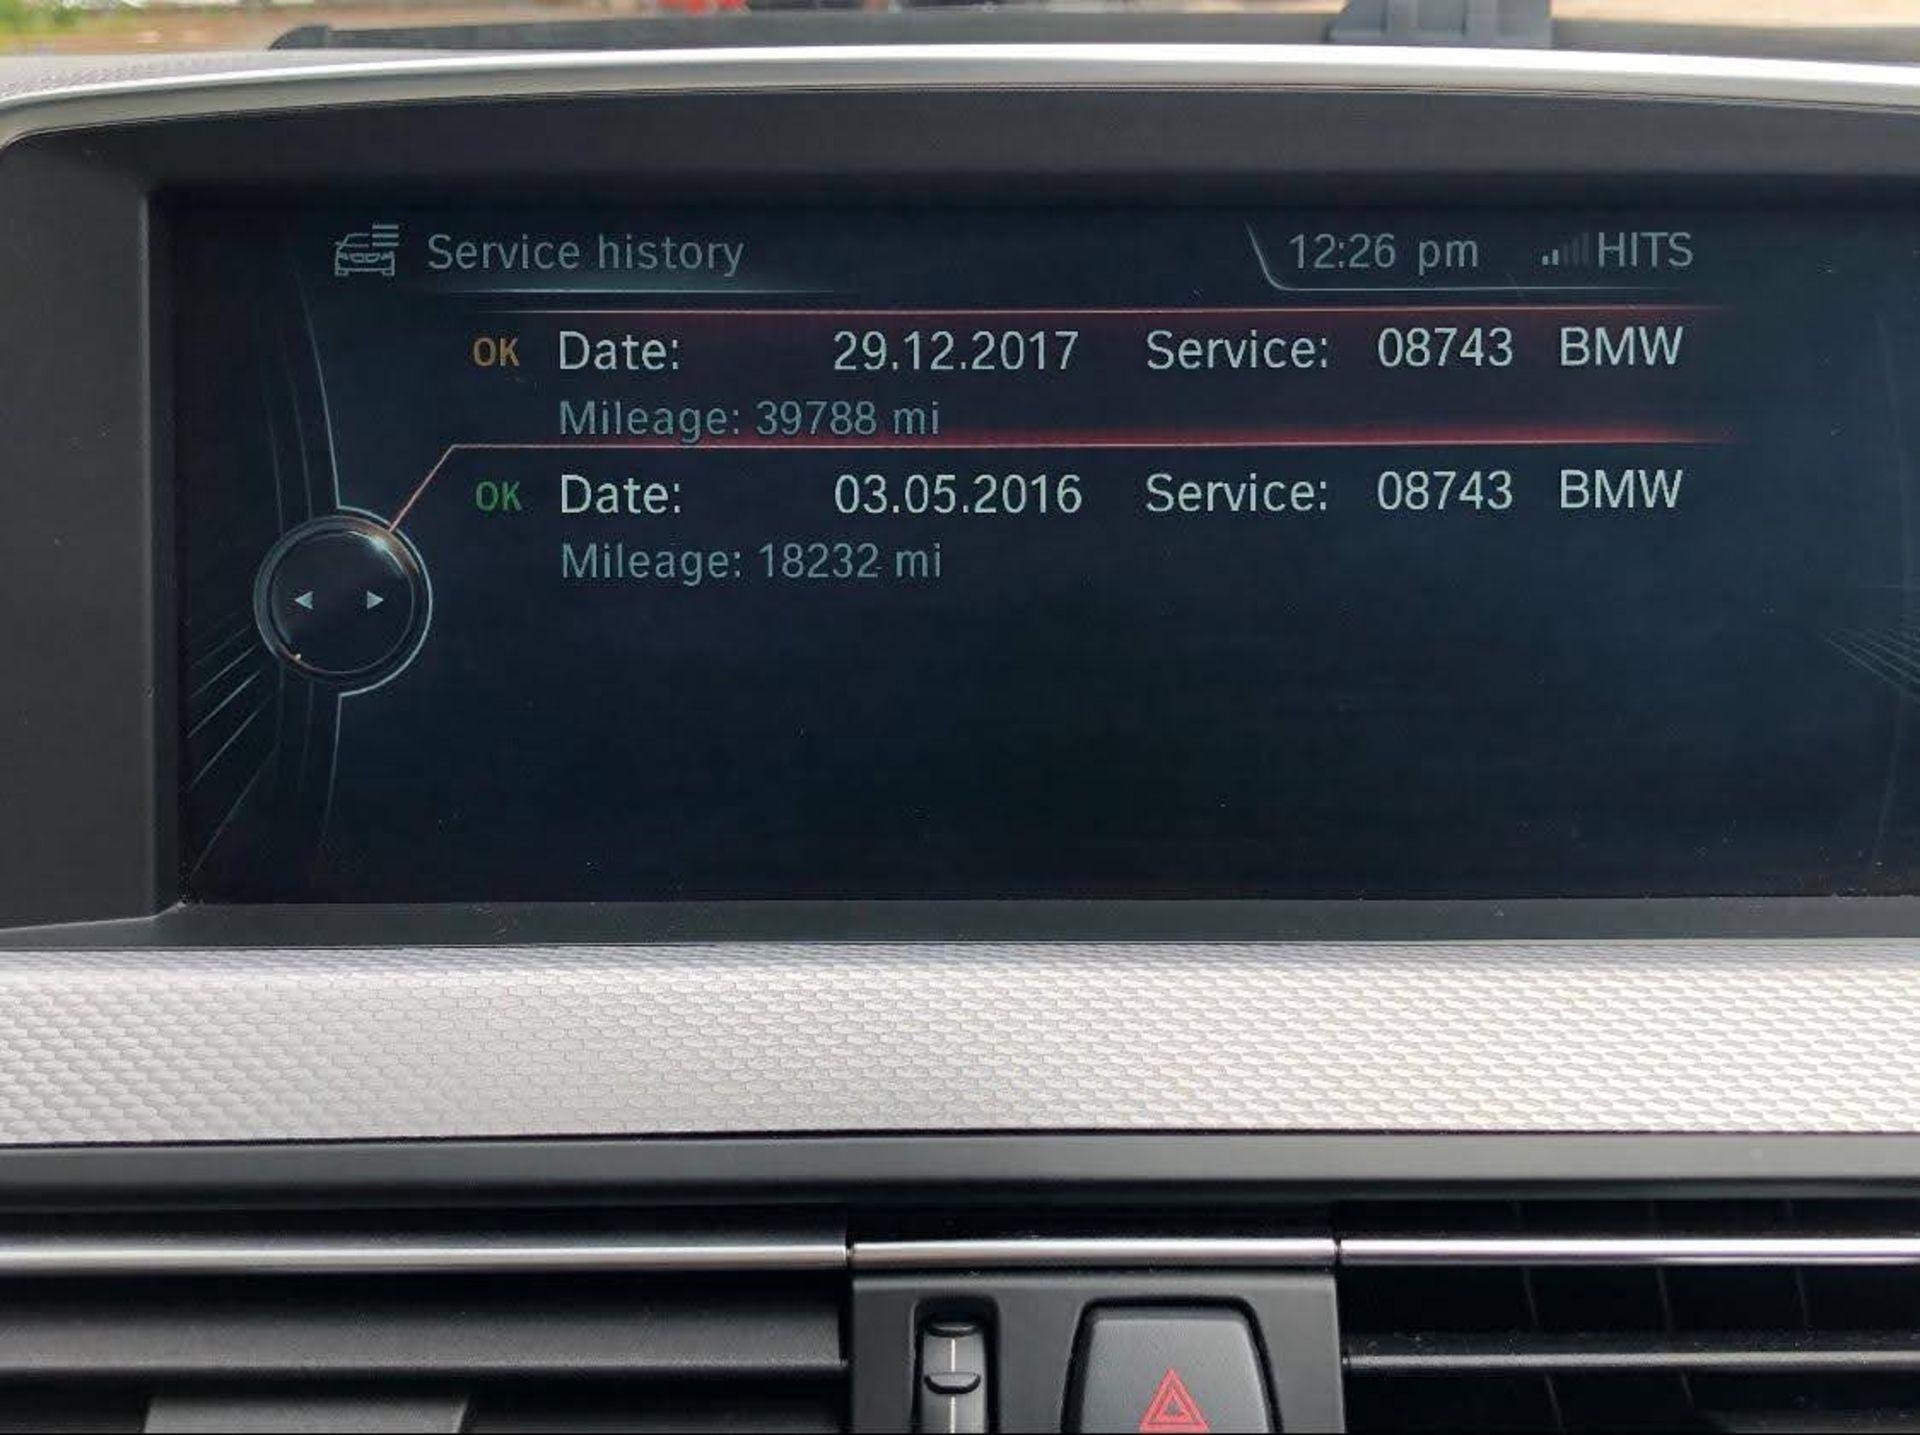 2014/14 REG BMW 640D M SPORT AUTOMATIC 3.0 DIESEL BLACK CONVERTIBLE *NO VAT* - Image 16 of 17